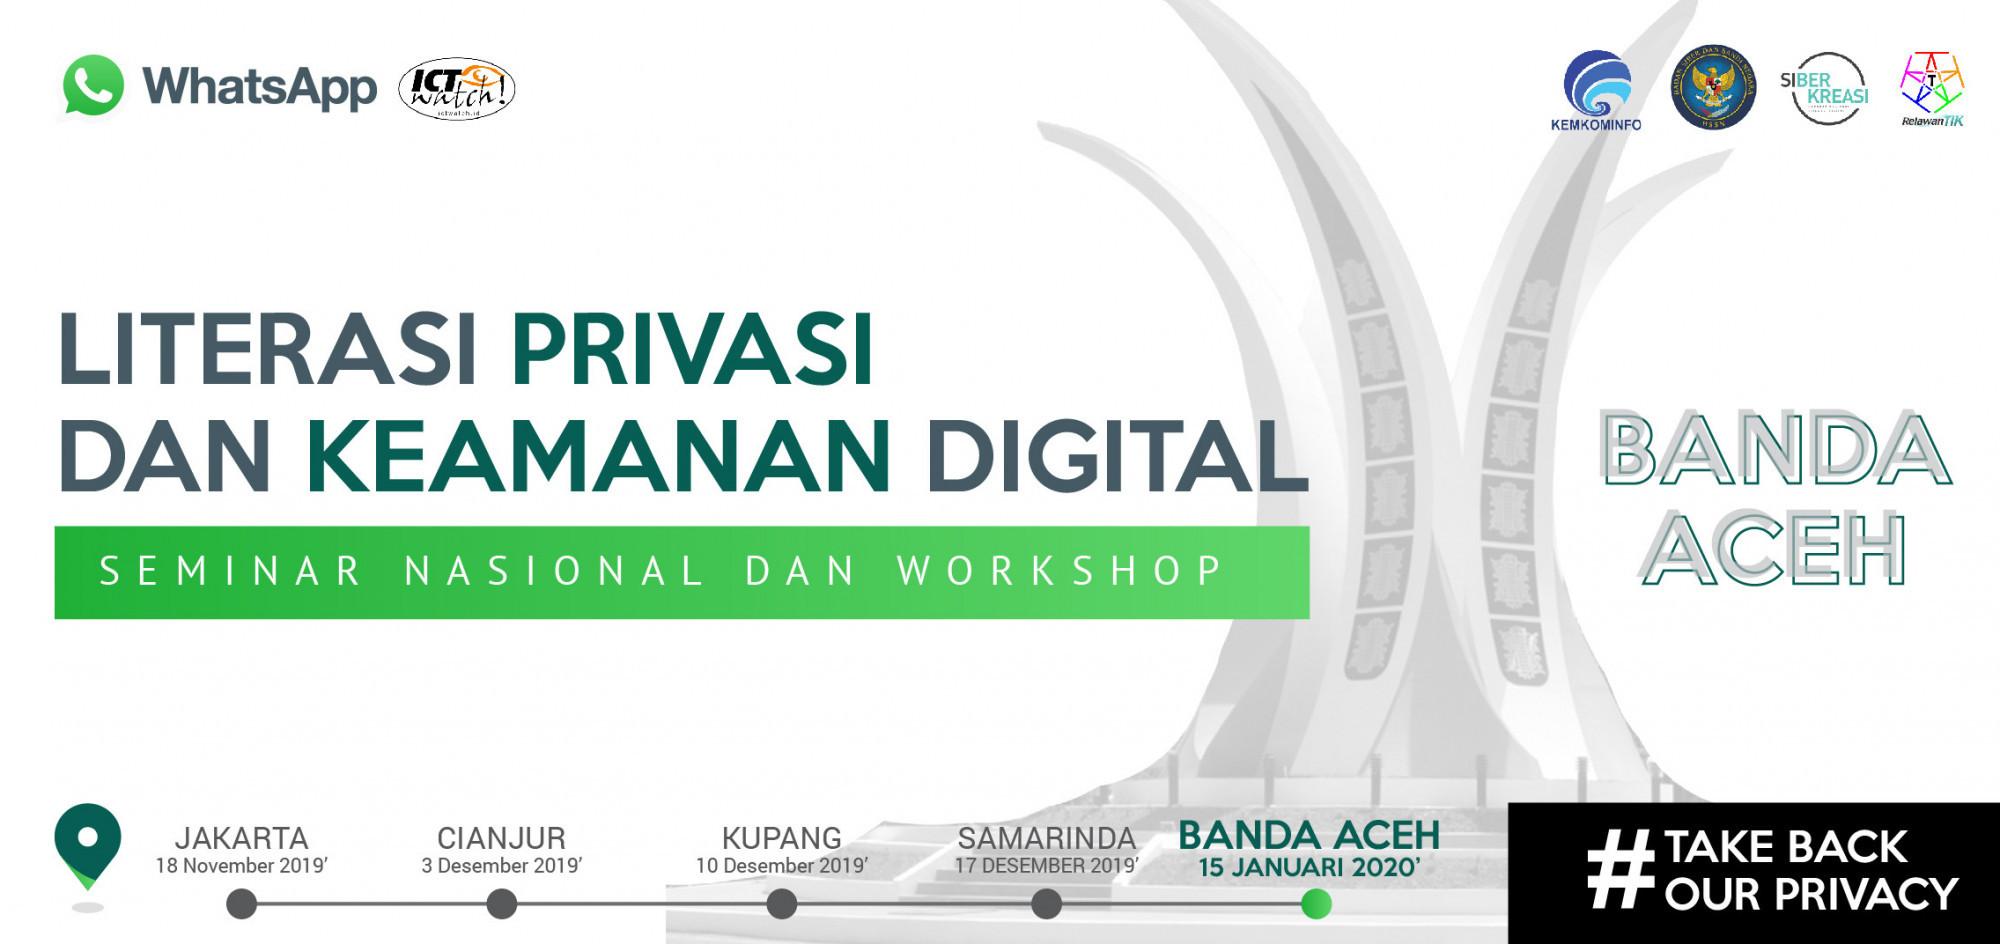 Seminar Literasi Privasi dan Keamanan Digital